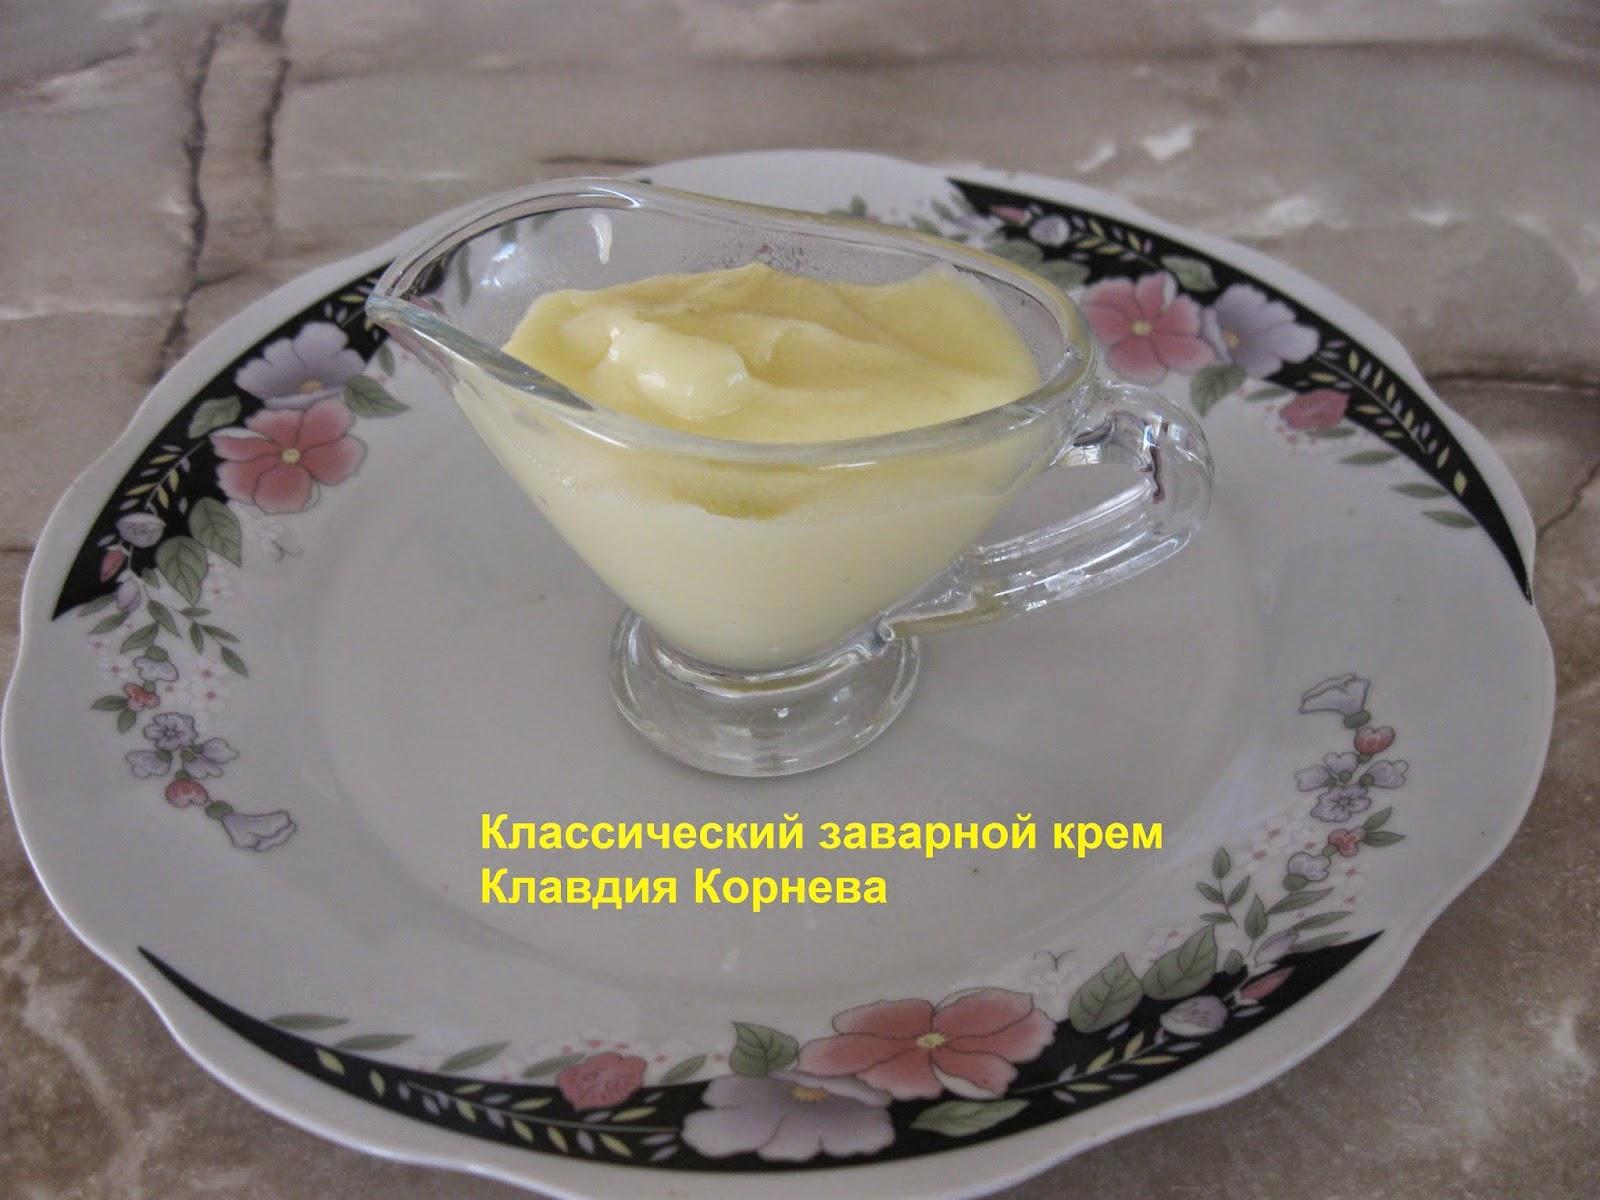 Рецепт заварного крема для наполеона классический пошагово